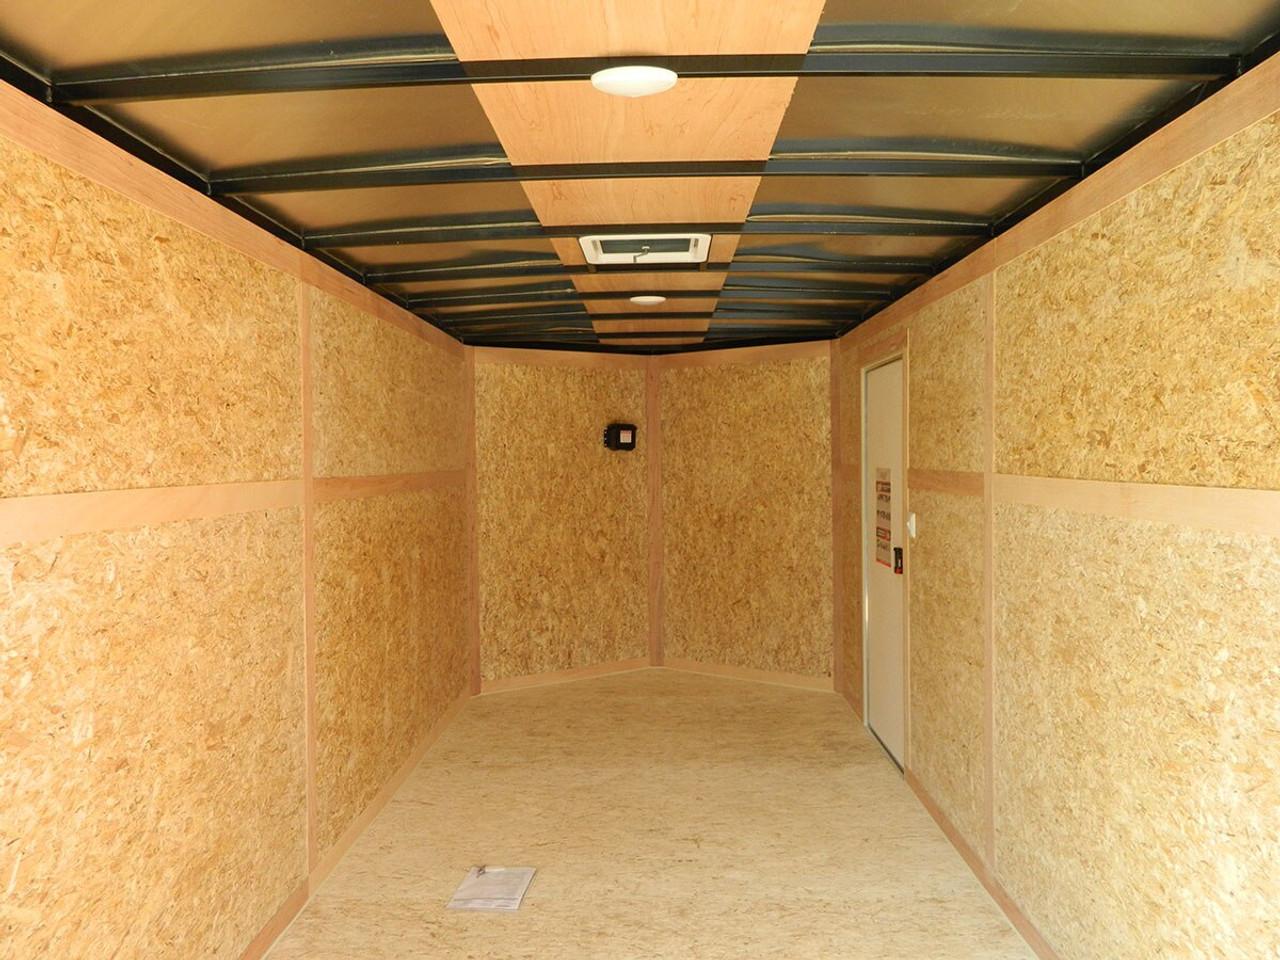 SC716TA2DRDGT --- 2022 Bravo 7'X16' Enclosed w/ Ramp Door #BR7120